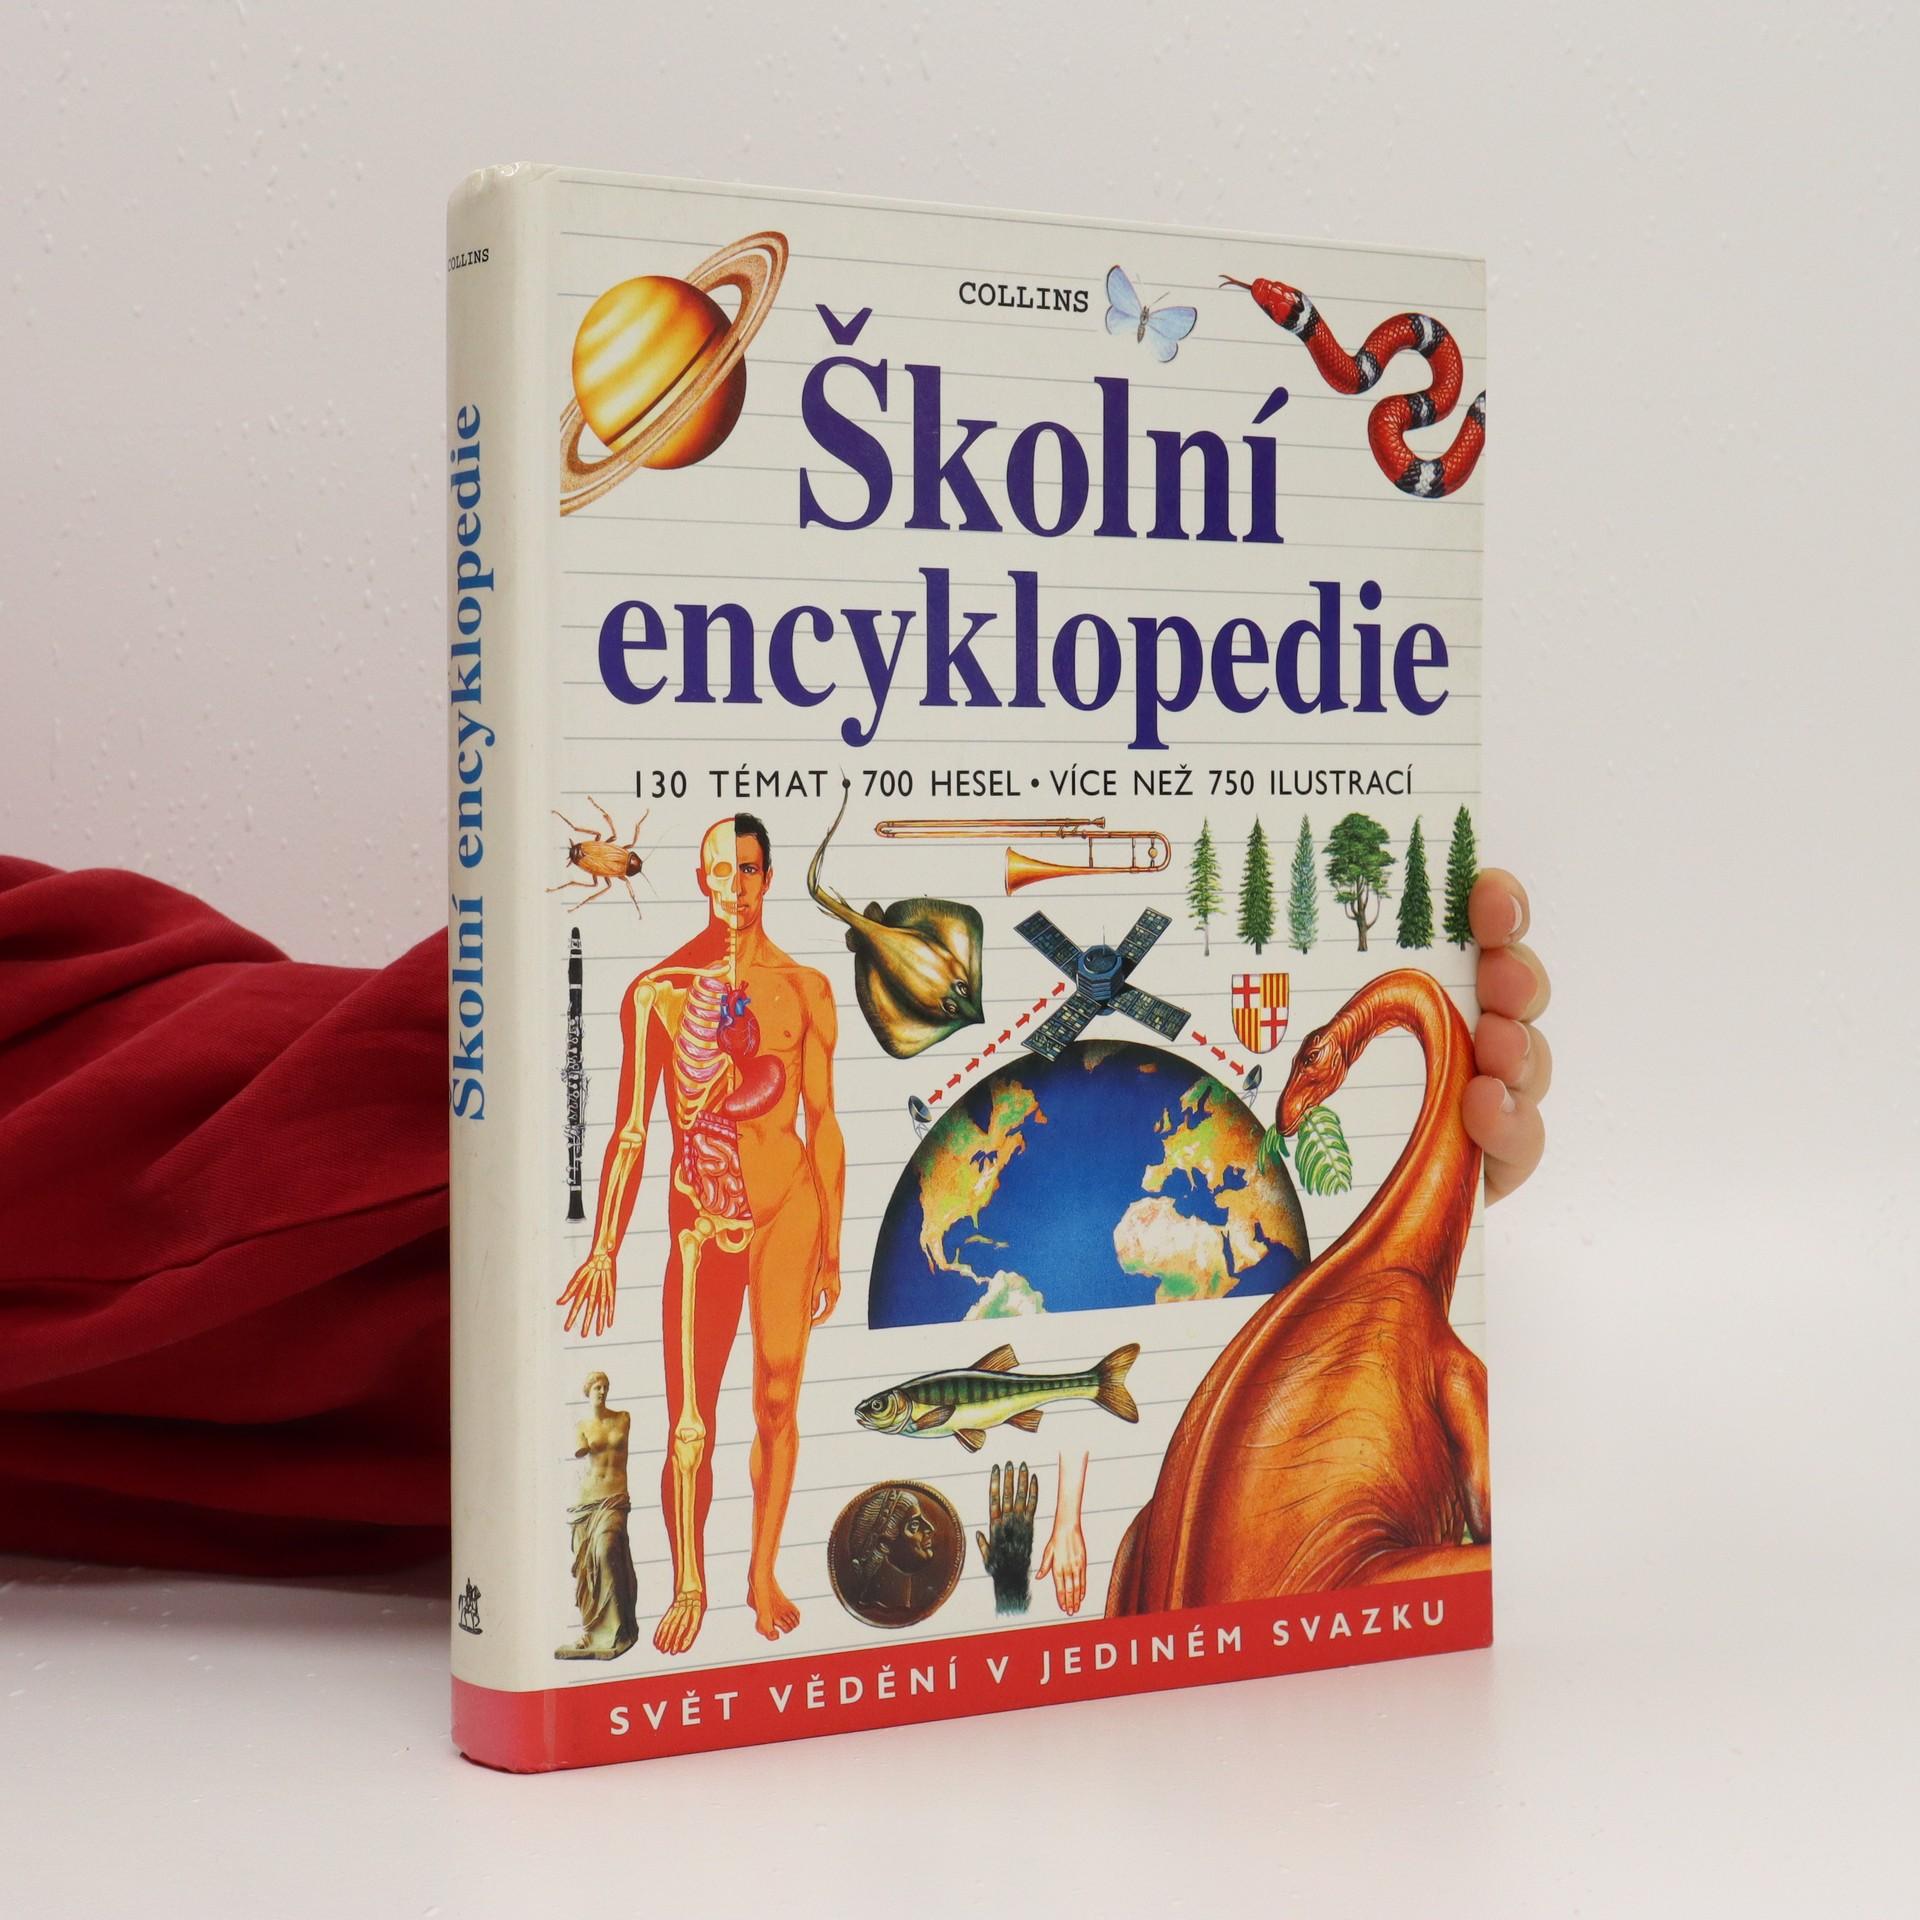 antikvární kniha Školní encyklopedie, 2001